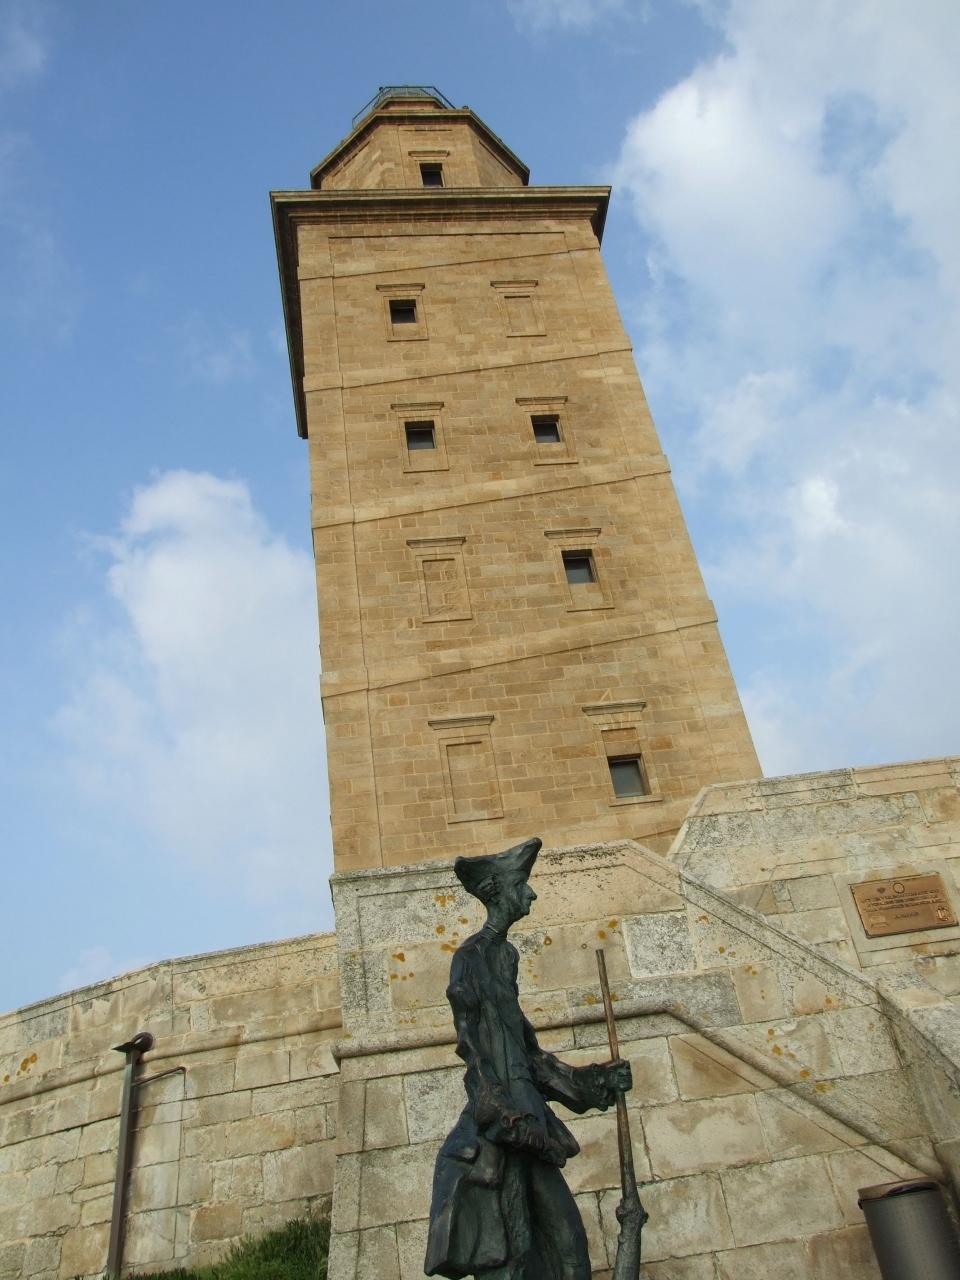 ヘラクレスの塔の画像 p1_28